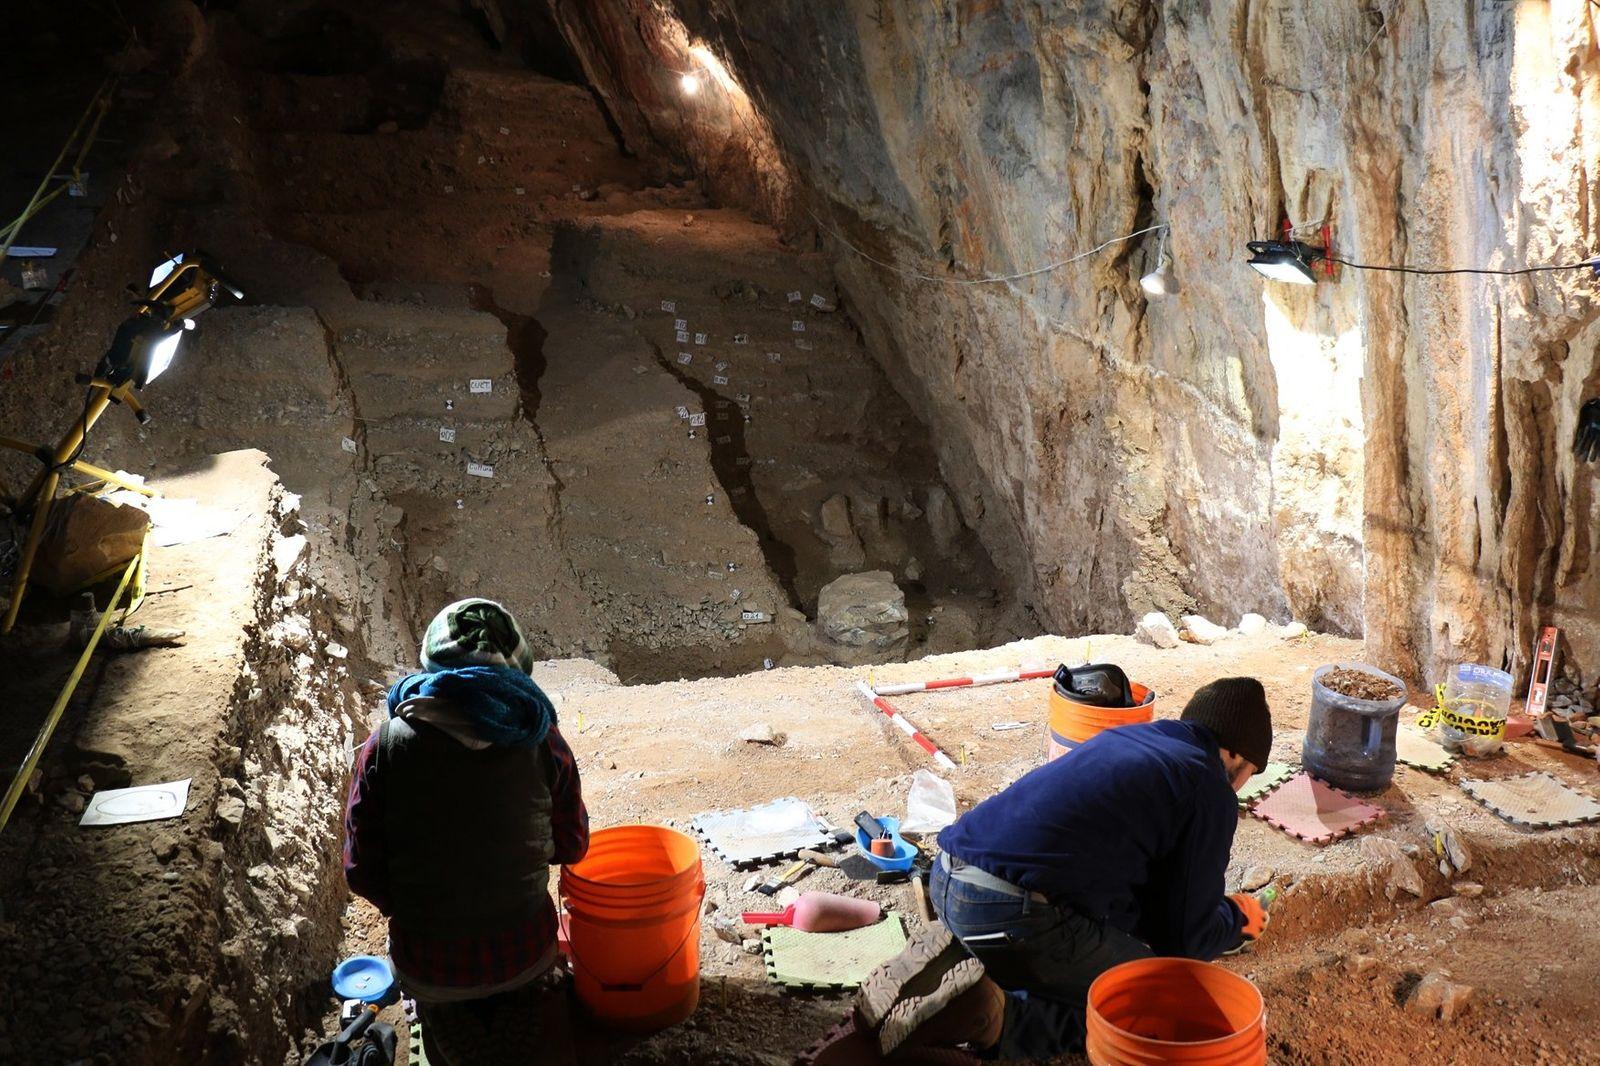 Angeblich älteste Spuren von Menschen in Amerika gefunden